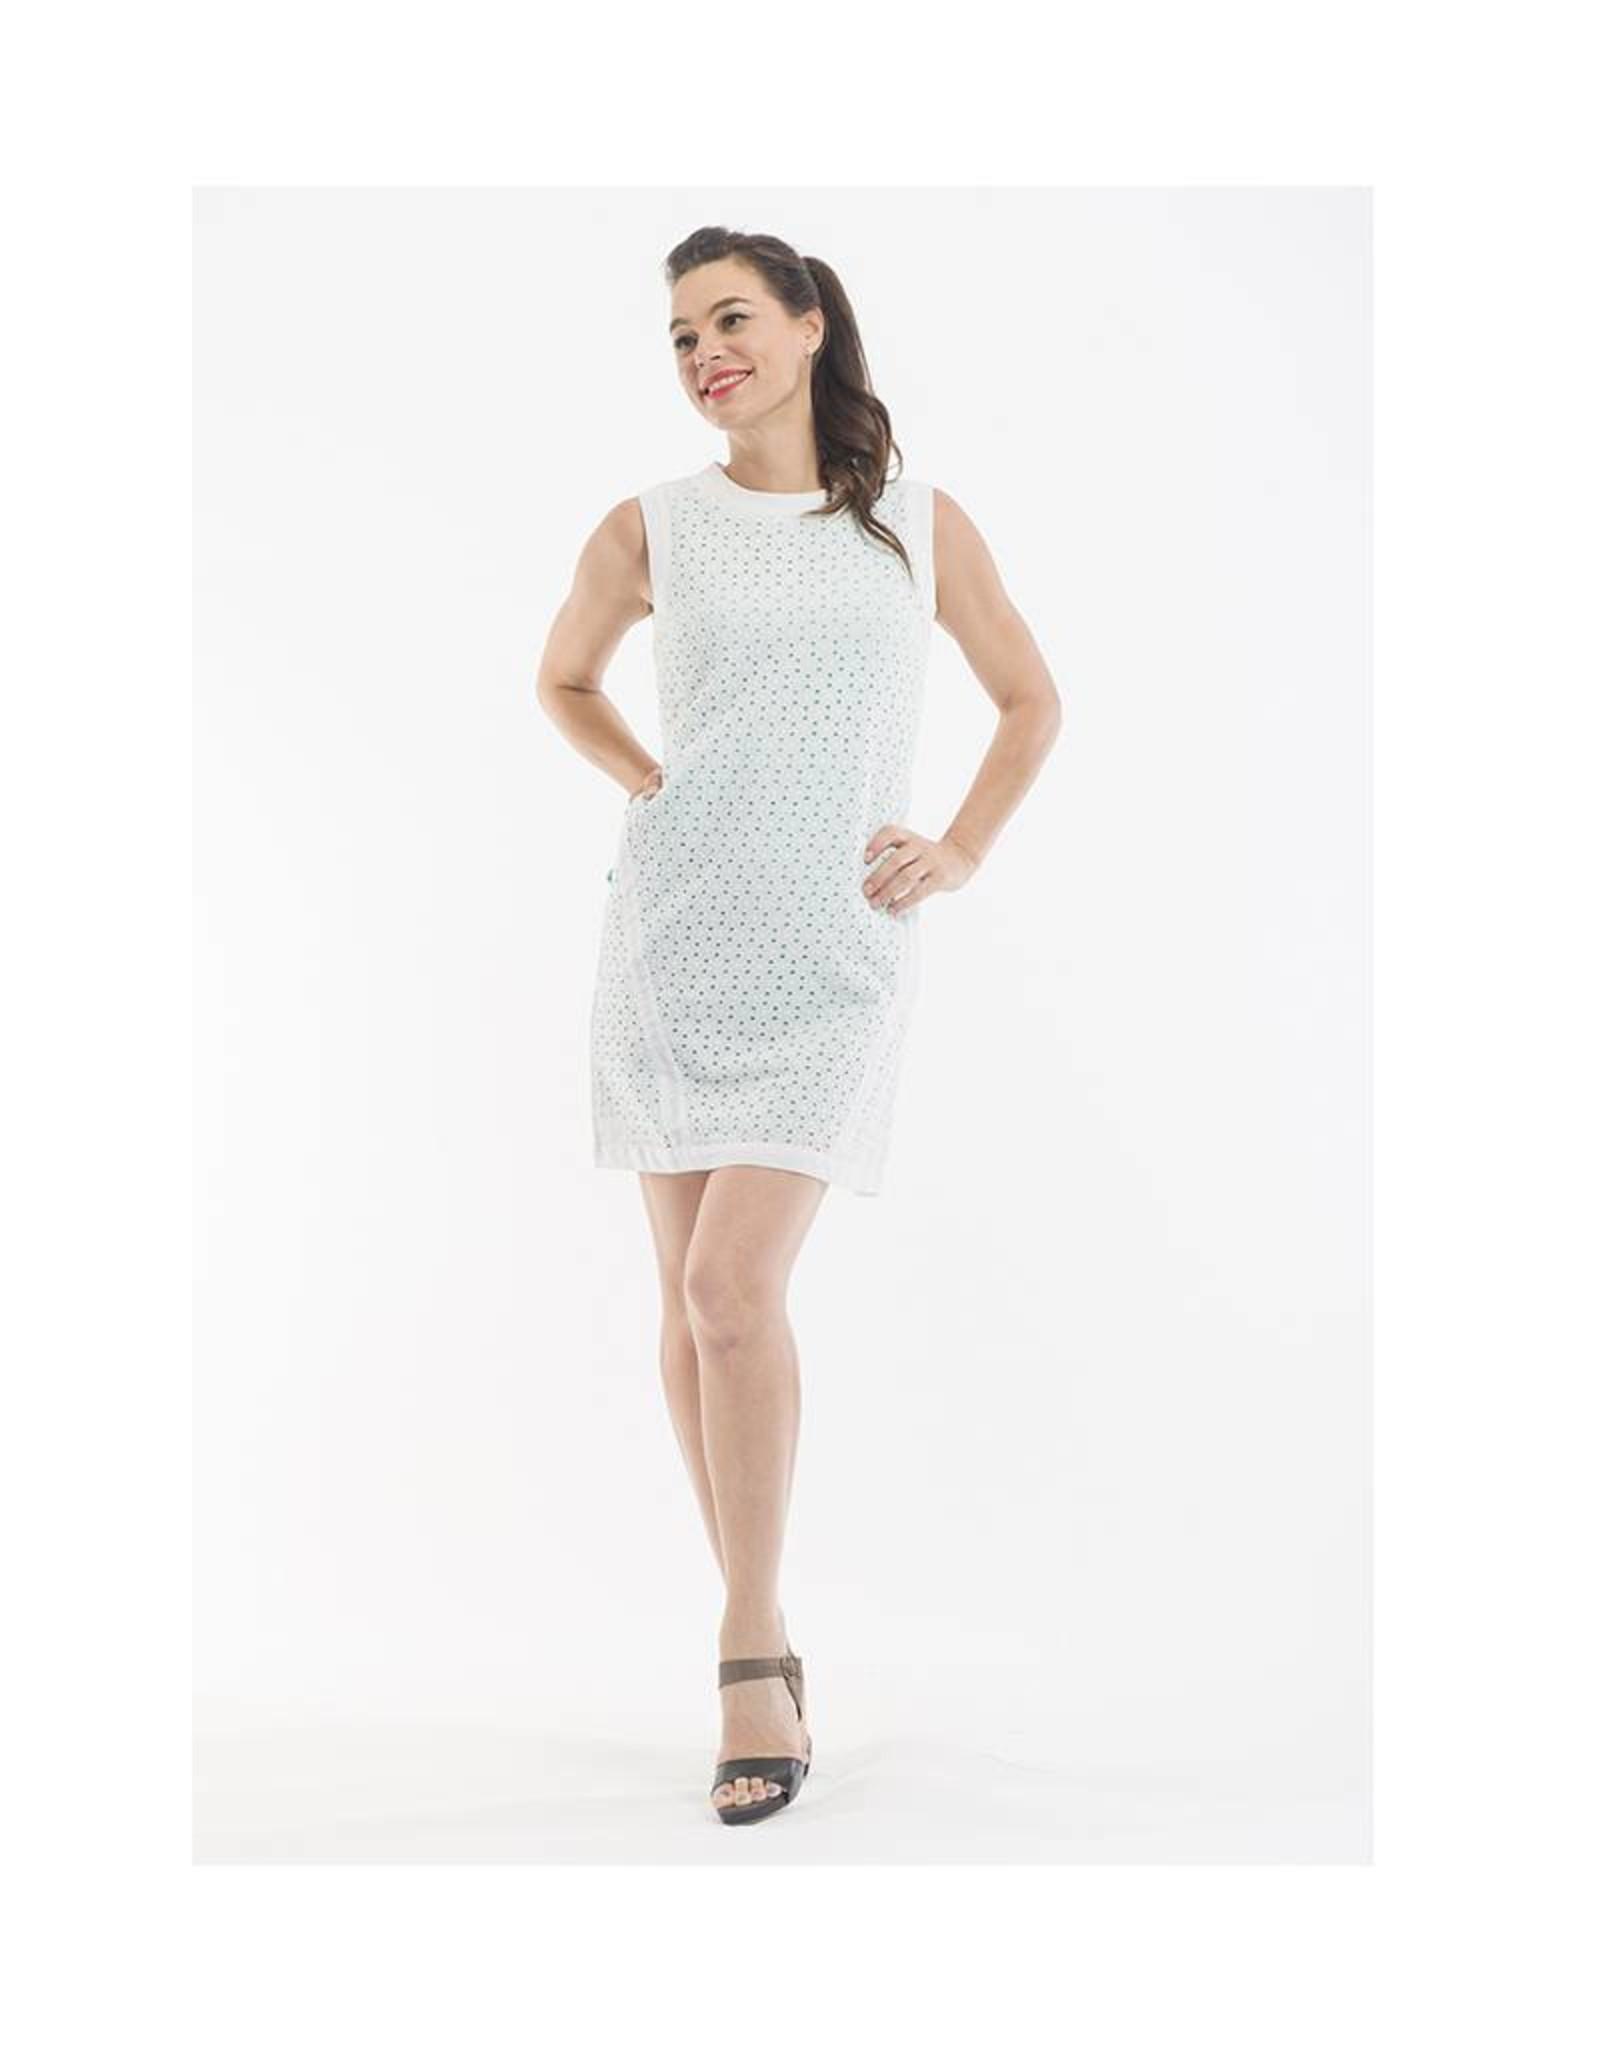 Orientique Broderie Dress in White